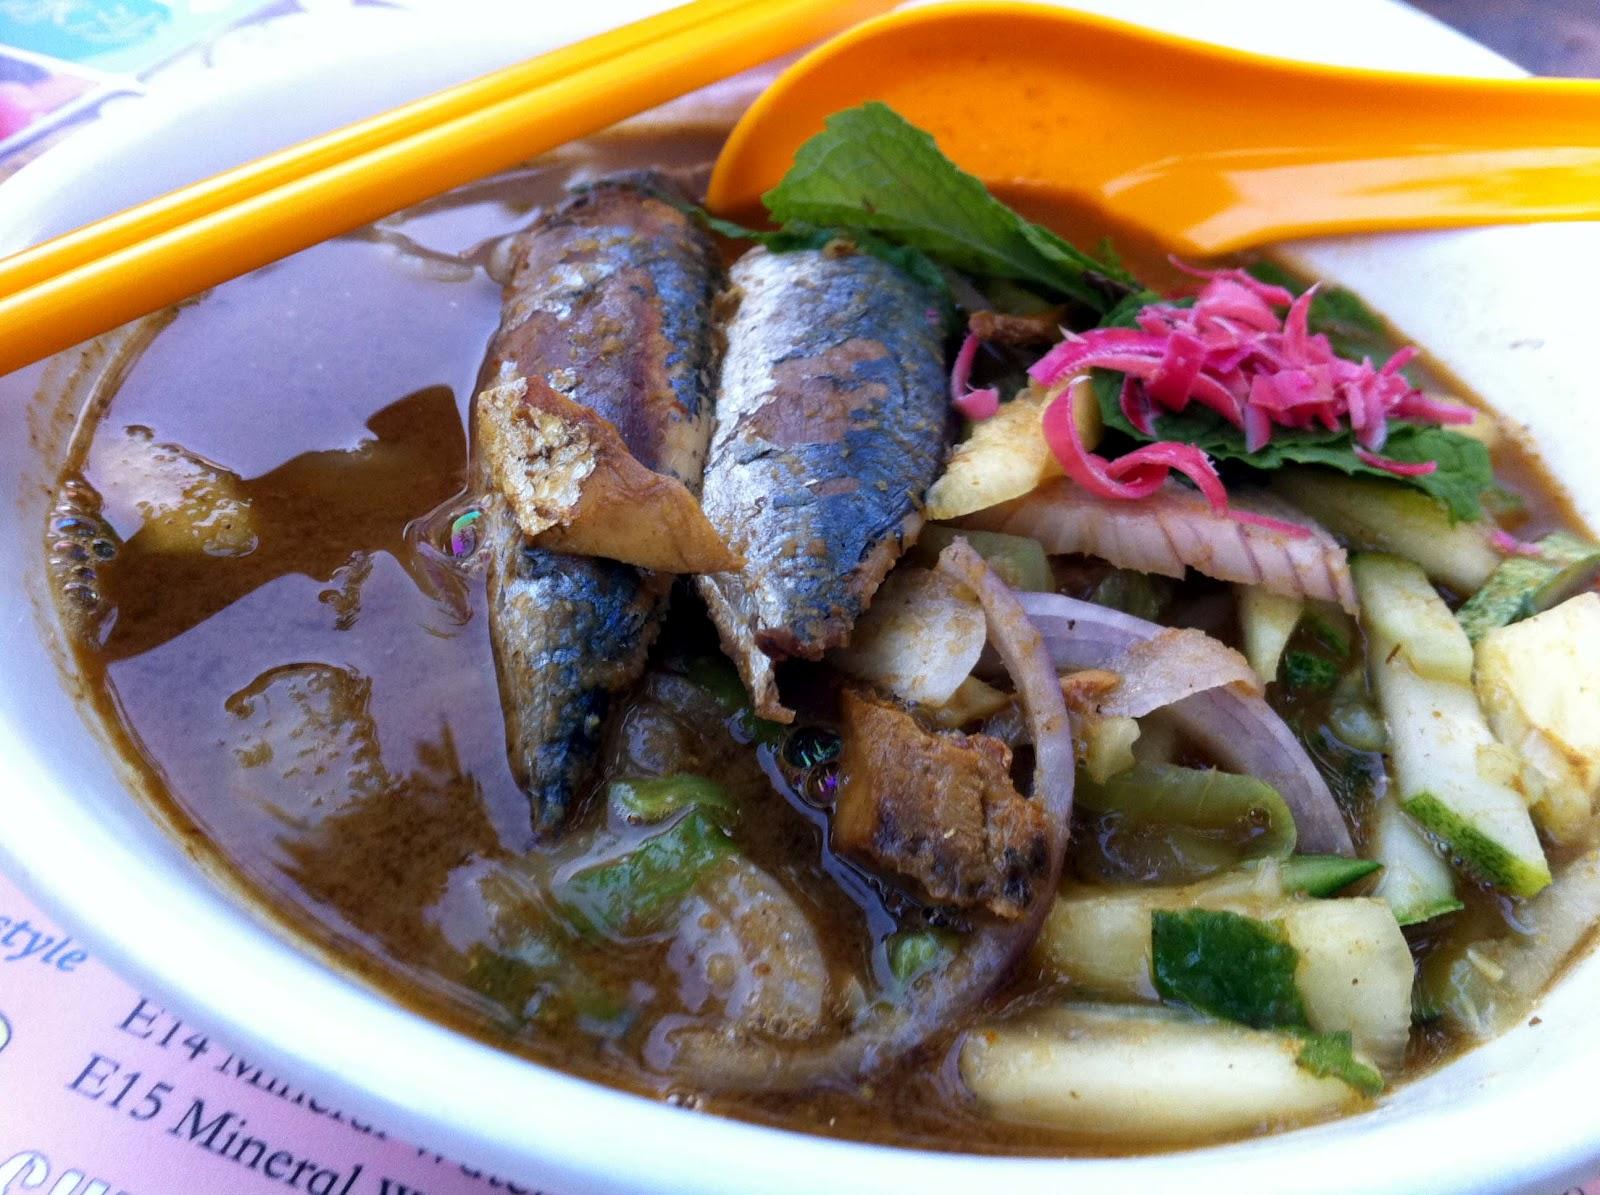 Neighborhood food court kota damansara foodmania for Food bar kota damansara